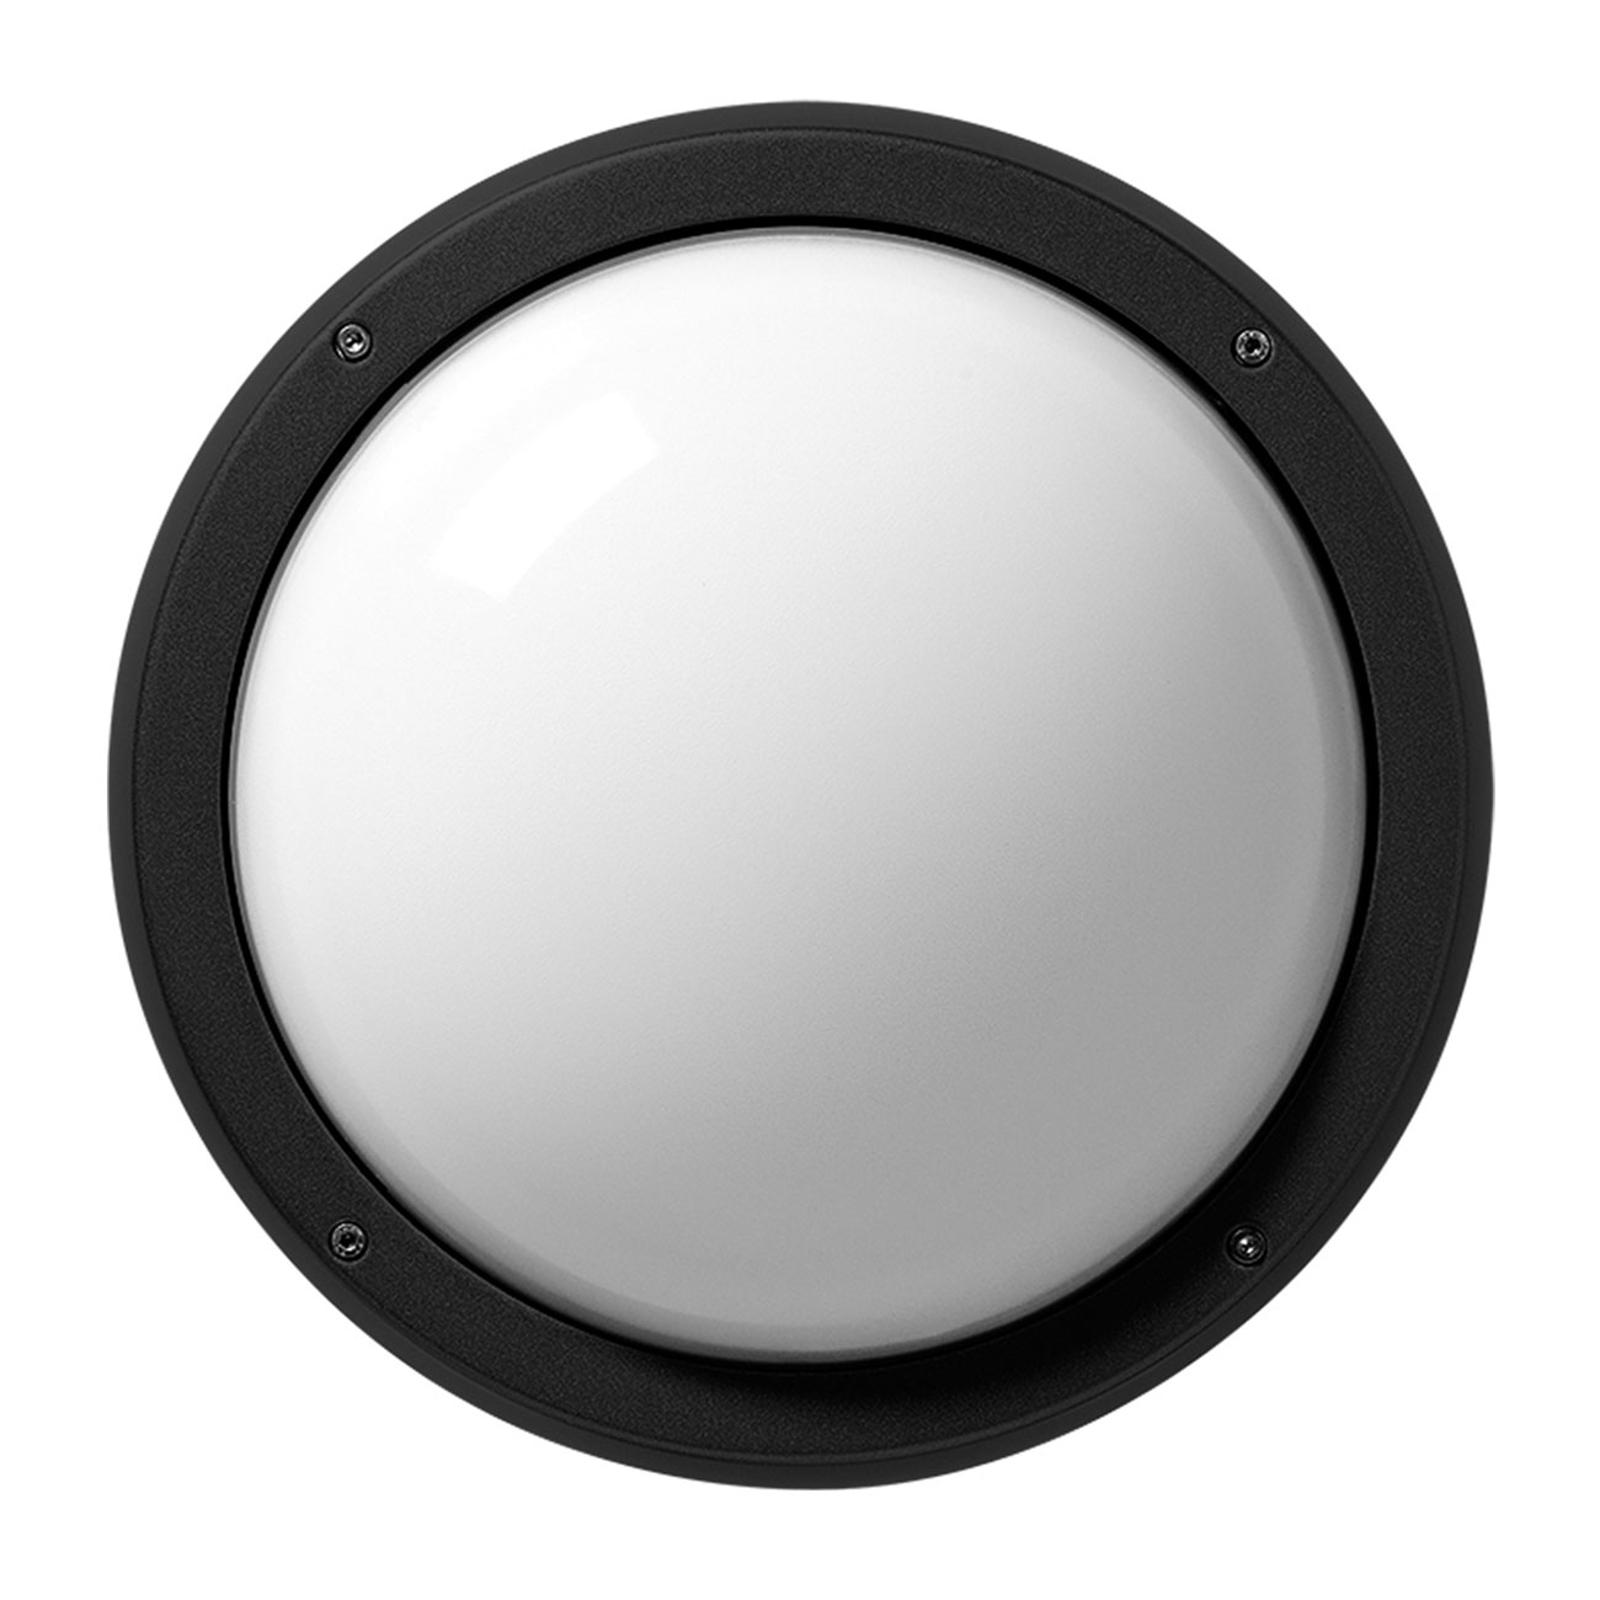 LED-vegglampe Eko+26 LED, 3000K, antrasitt